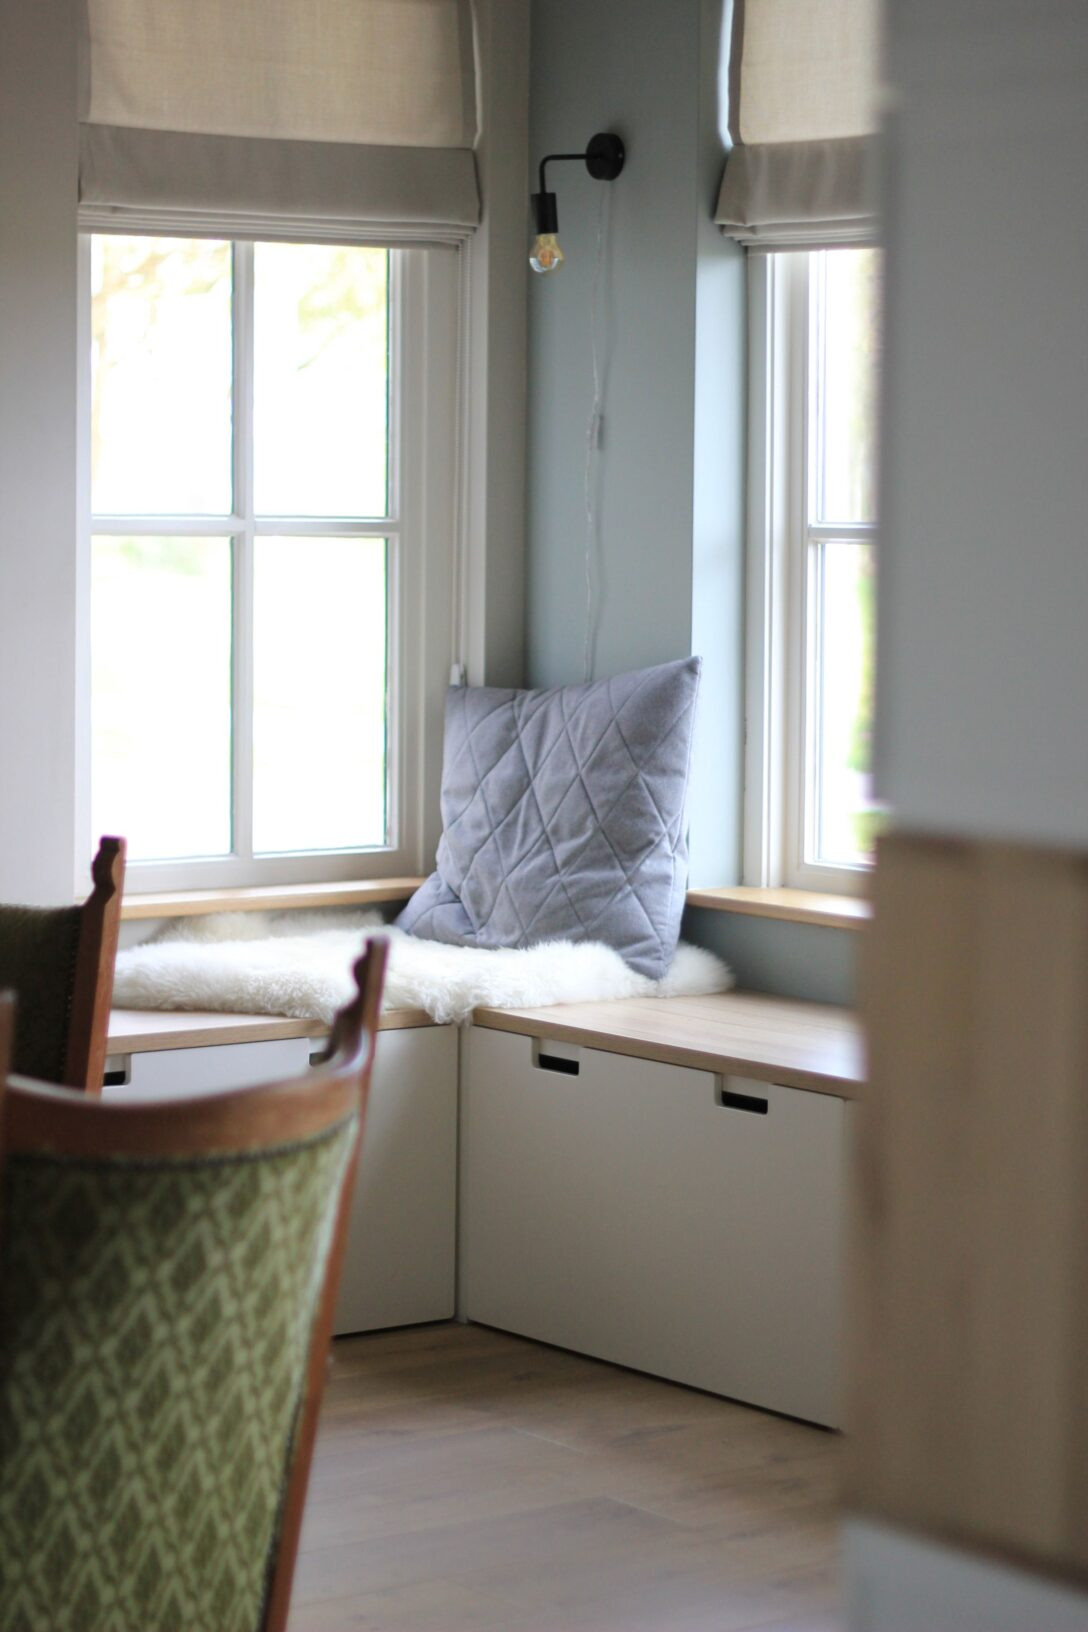 Large Size of Ikea Hack Sitzbank Esszimmer Projectvoorkamer Modulküche Betten Bei Sofa Miniküche Küche Mit Lehne Kosten Für Garten 160x200 Bad Bett Schlafzimmer Wohnzimmer Ikea Hack Sitzbank Esszimmer